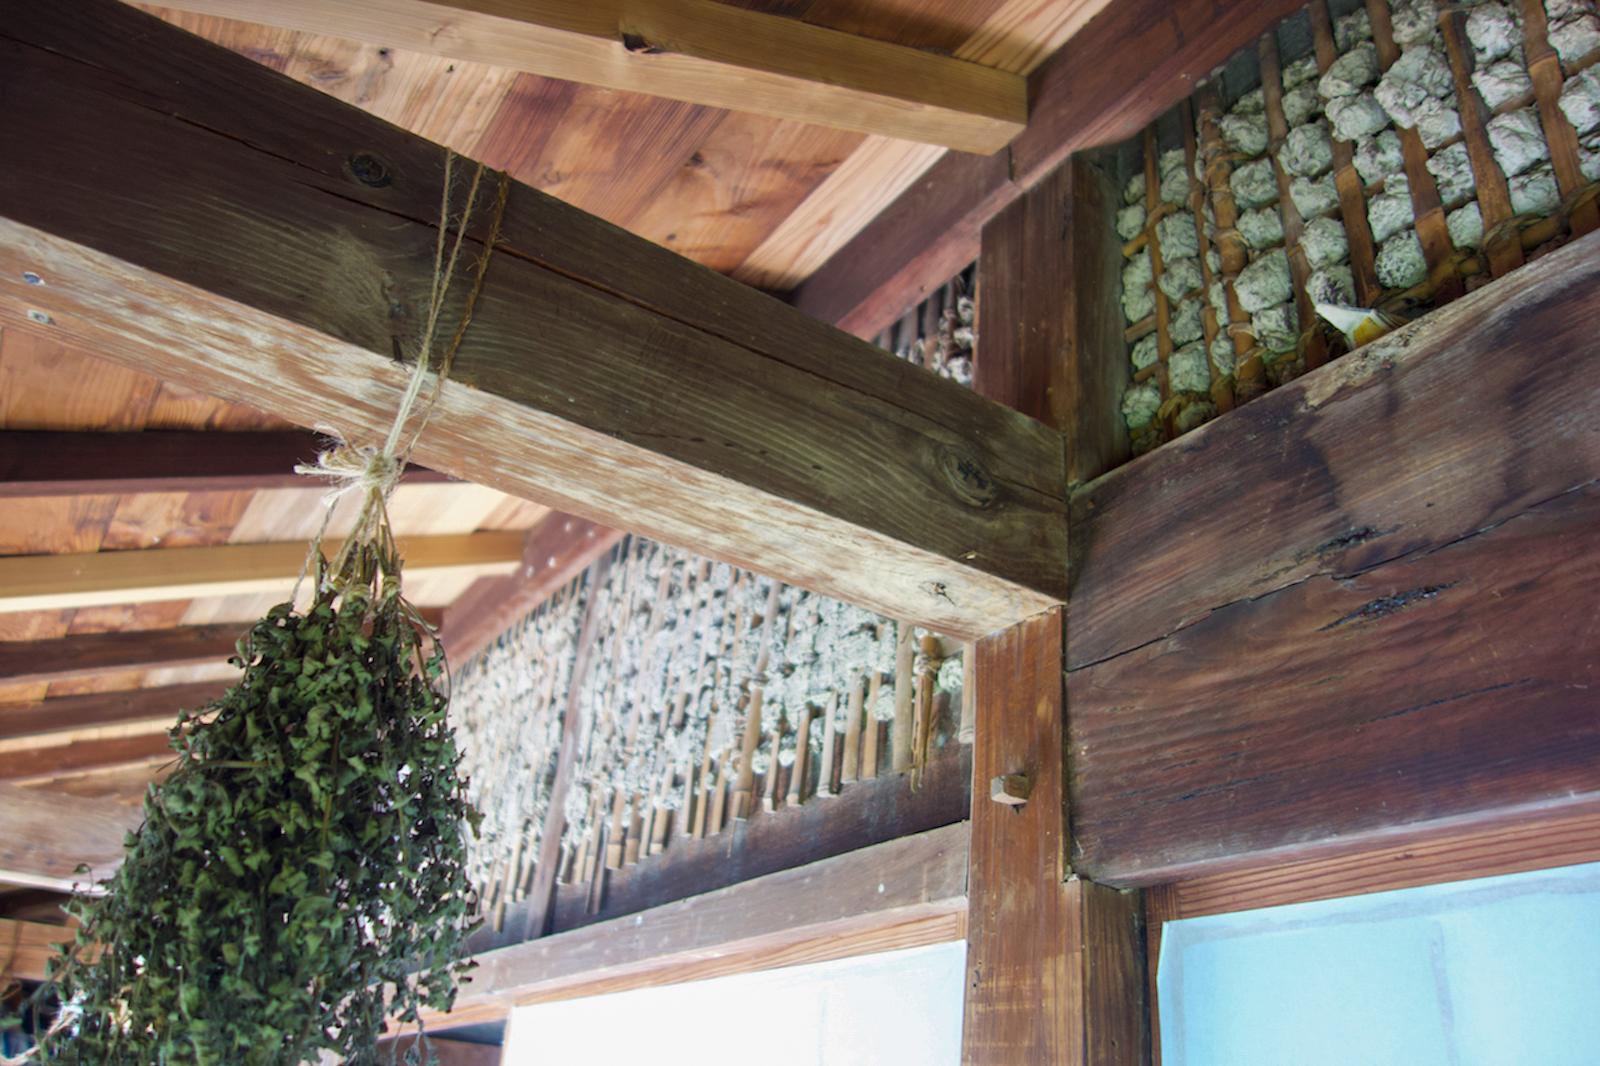 縦横に編まれた竹小舞に土を入れてある小壁。いつも何かのハーブが干されている